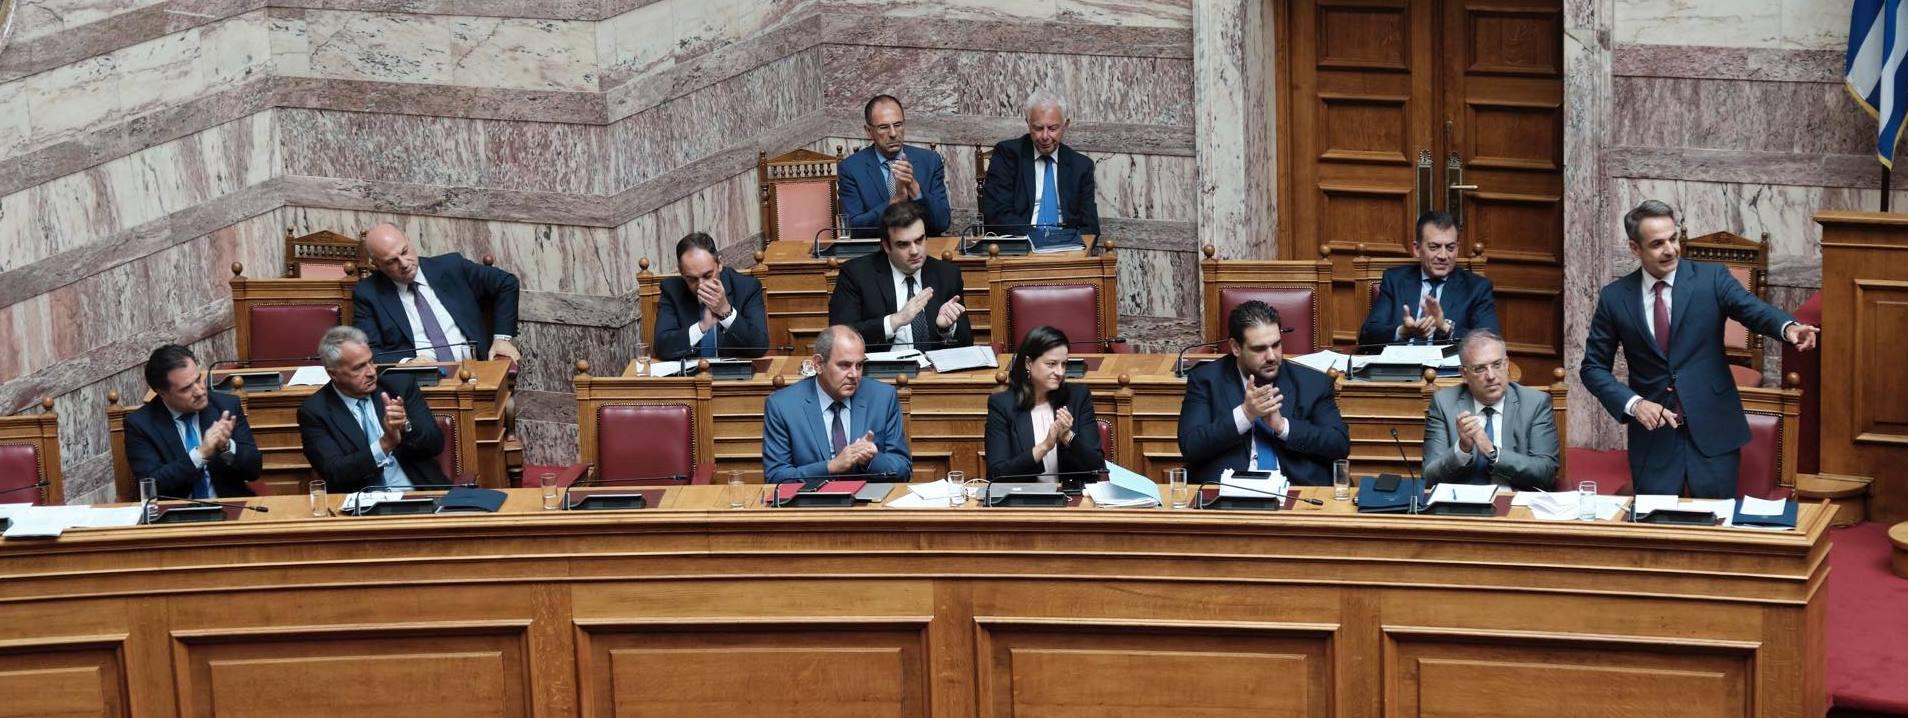 Η «δημοκρατία» βαθμολογεί την Κυβέρνηση: Δύο υπουργοί πήραν μονάδα κι ένας μηδέν!